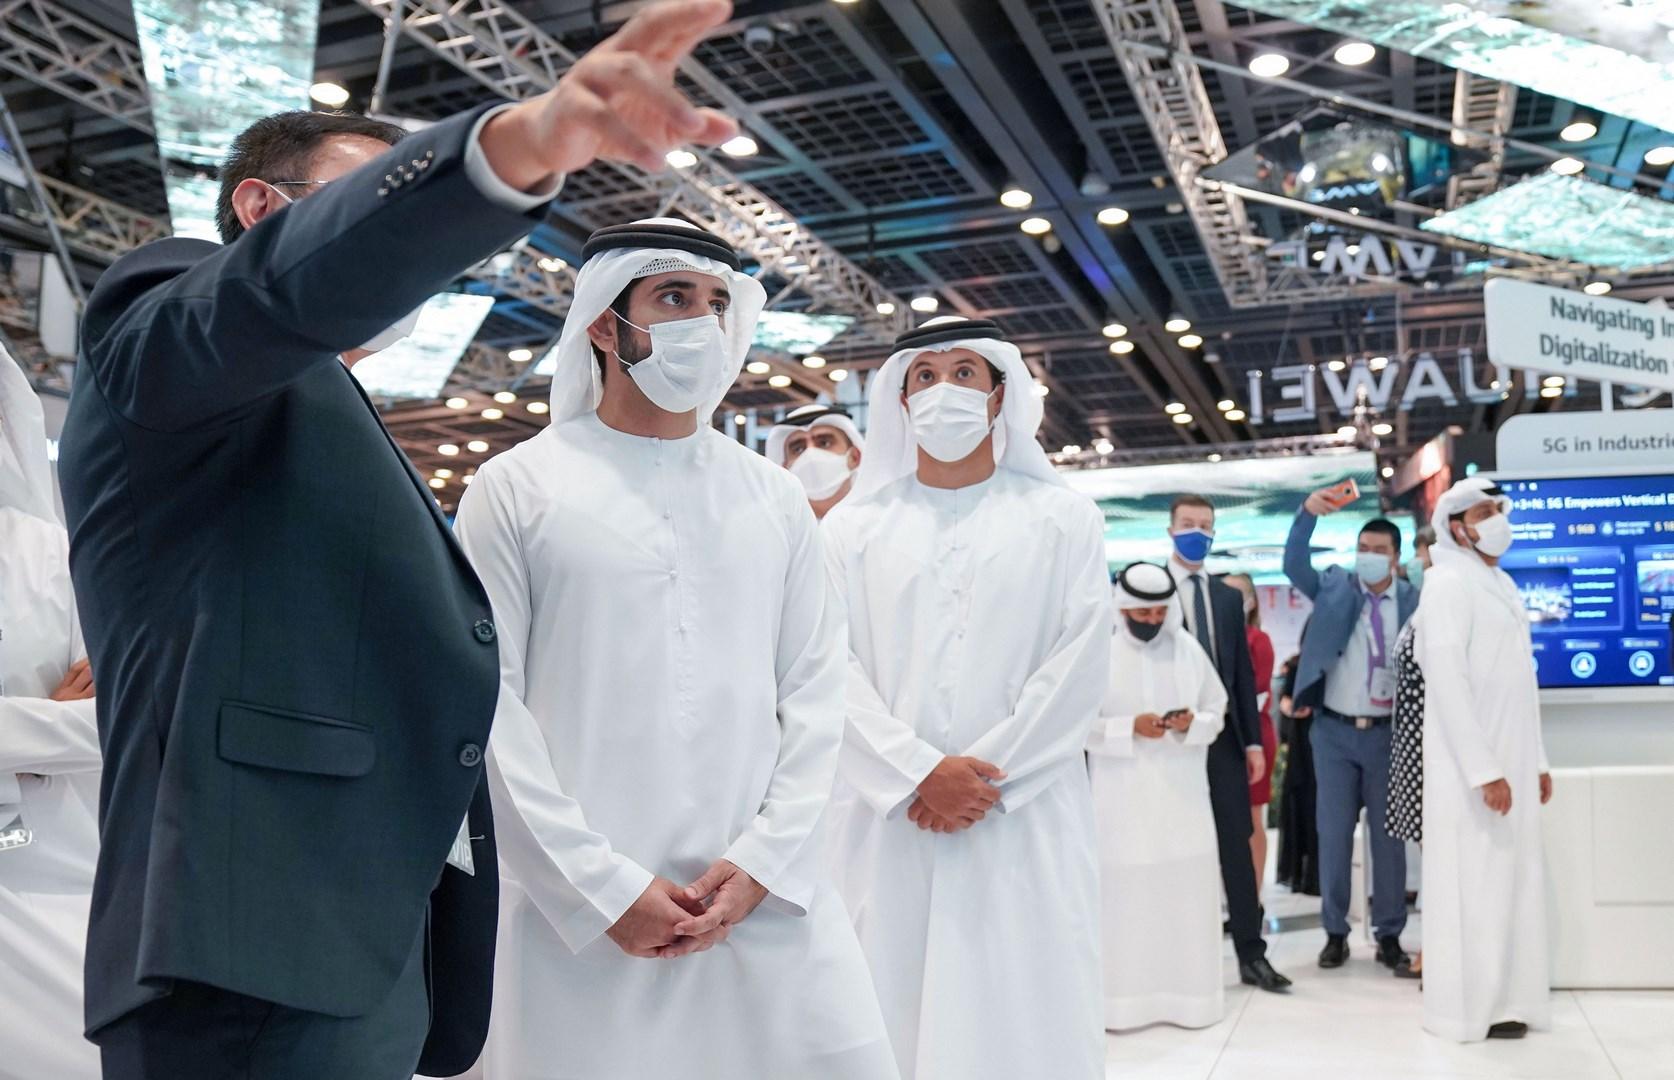 حمدان بن محمد: برؤية محمد بن راشد نرسّخ شراكة دبي مع كبرى المؤسسات العالمية الرائدة في التكنولوجيا